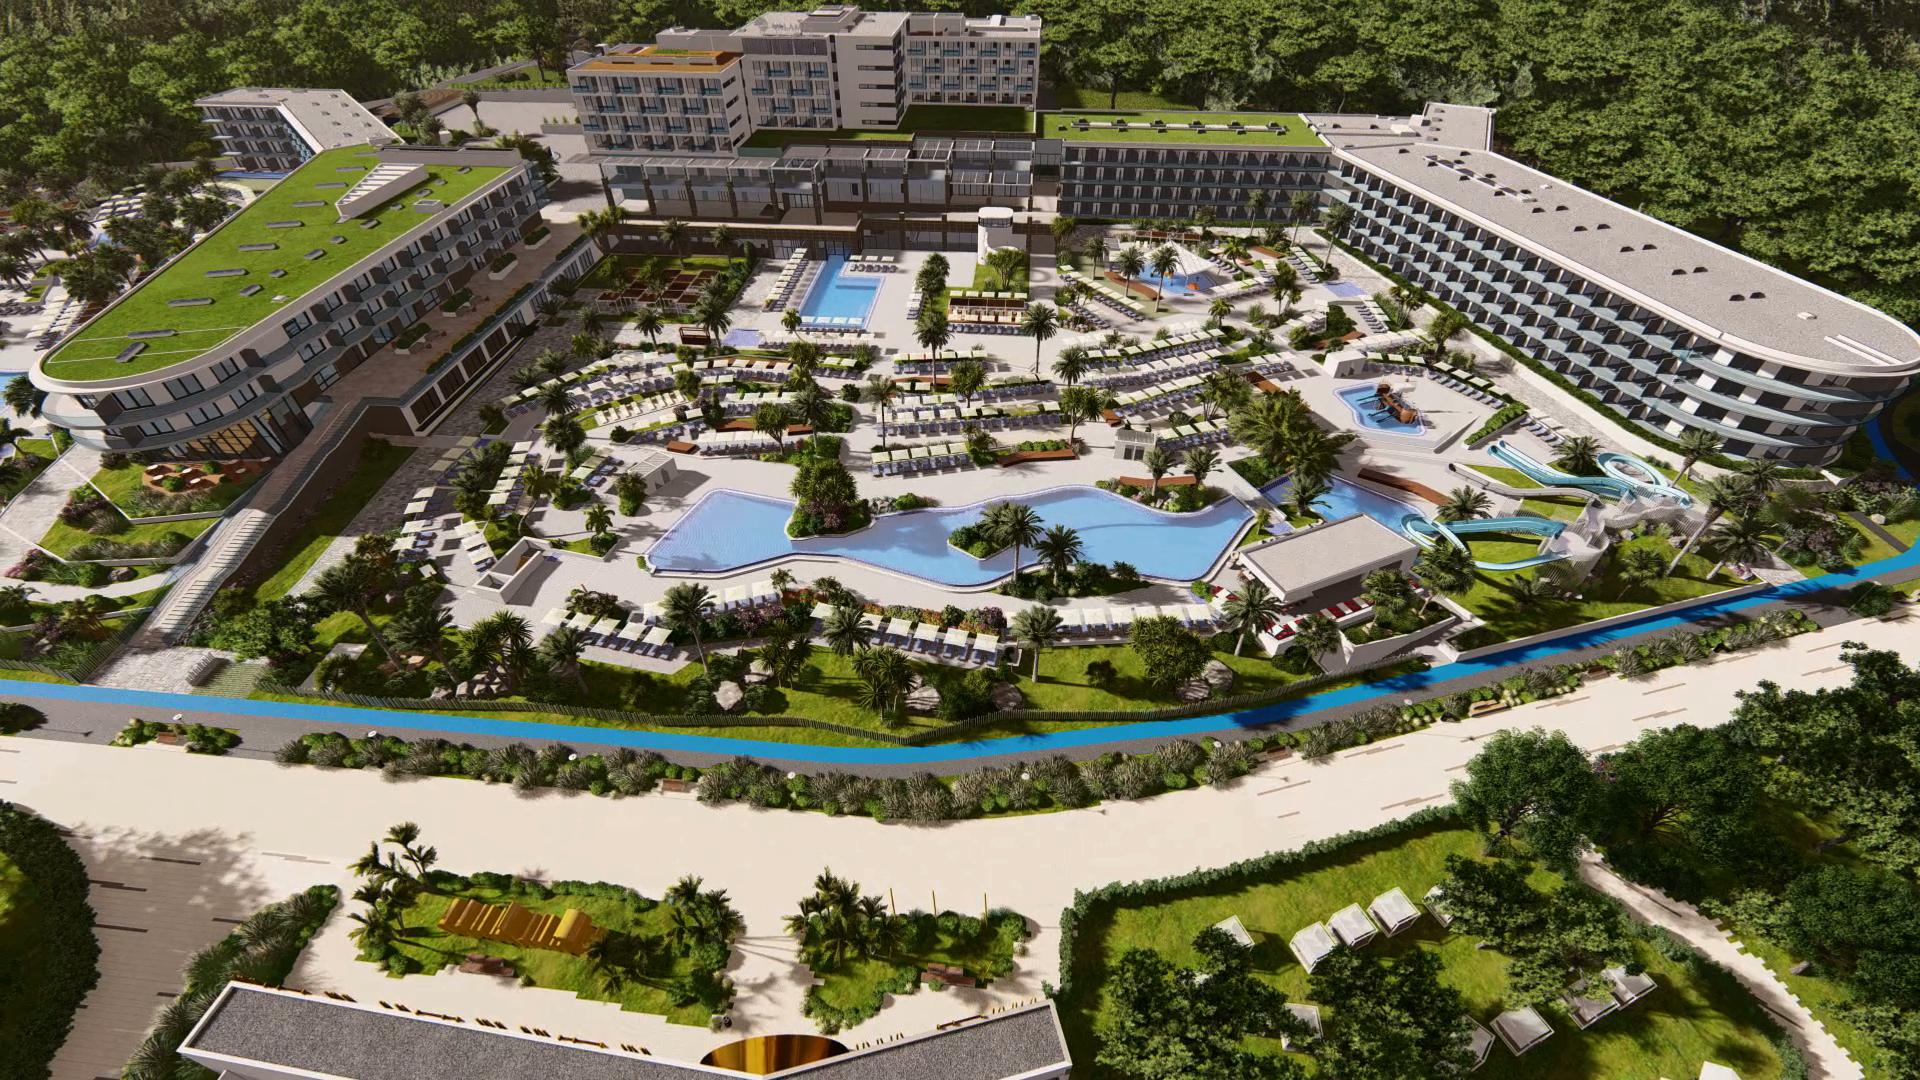 Vizualizacija budućeg resorta Pical